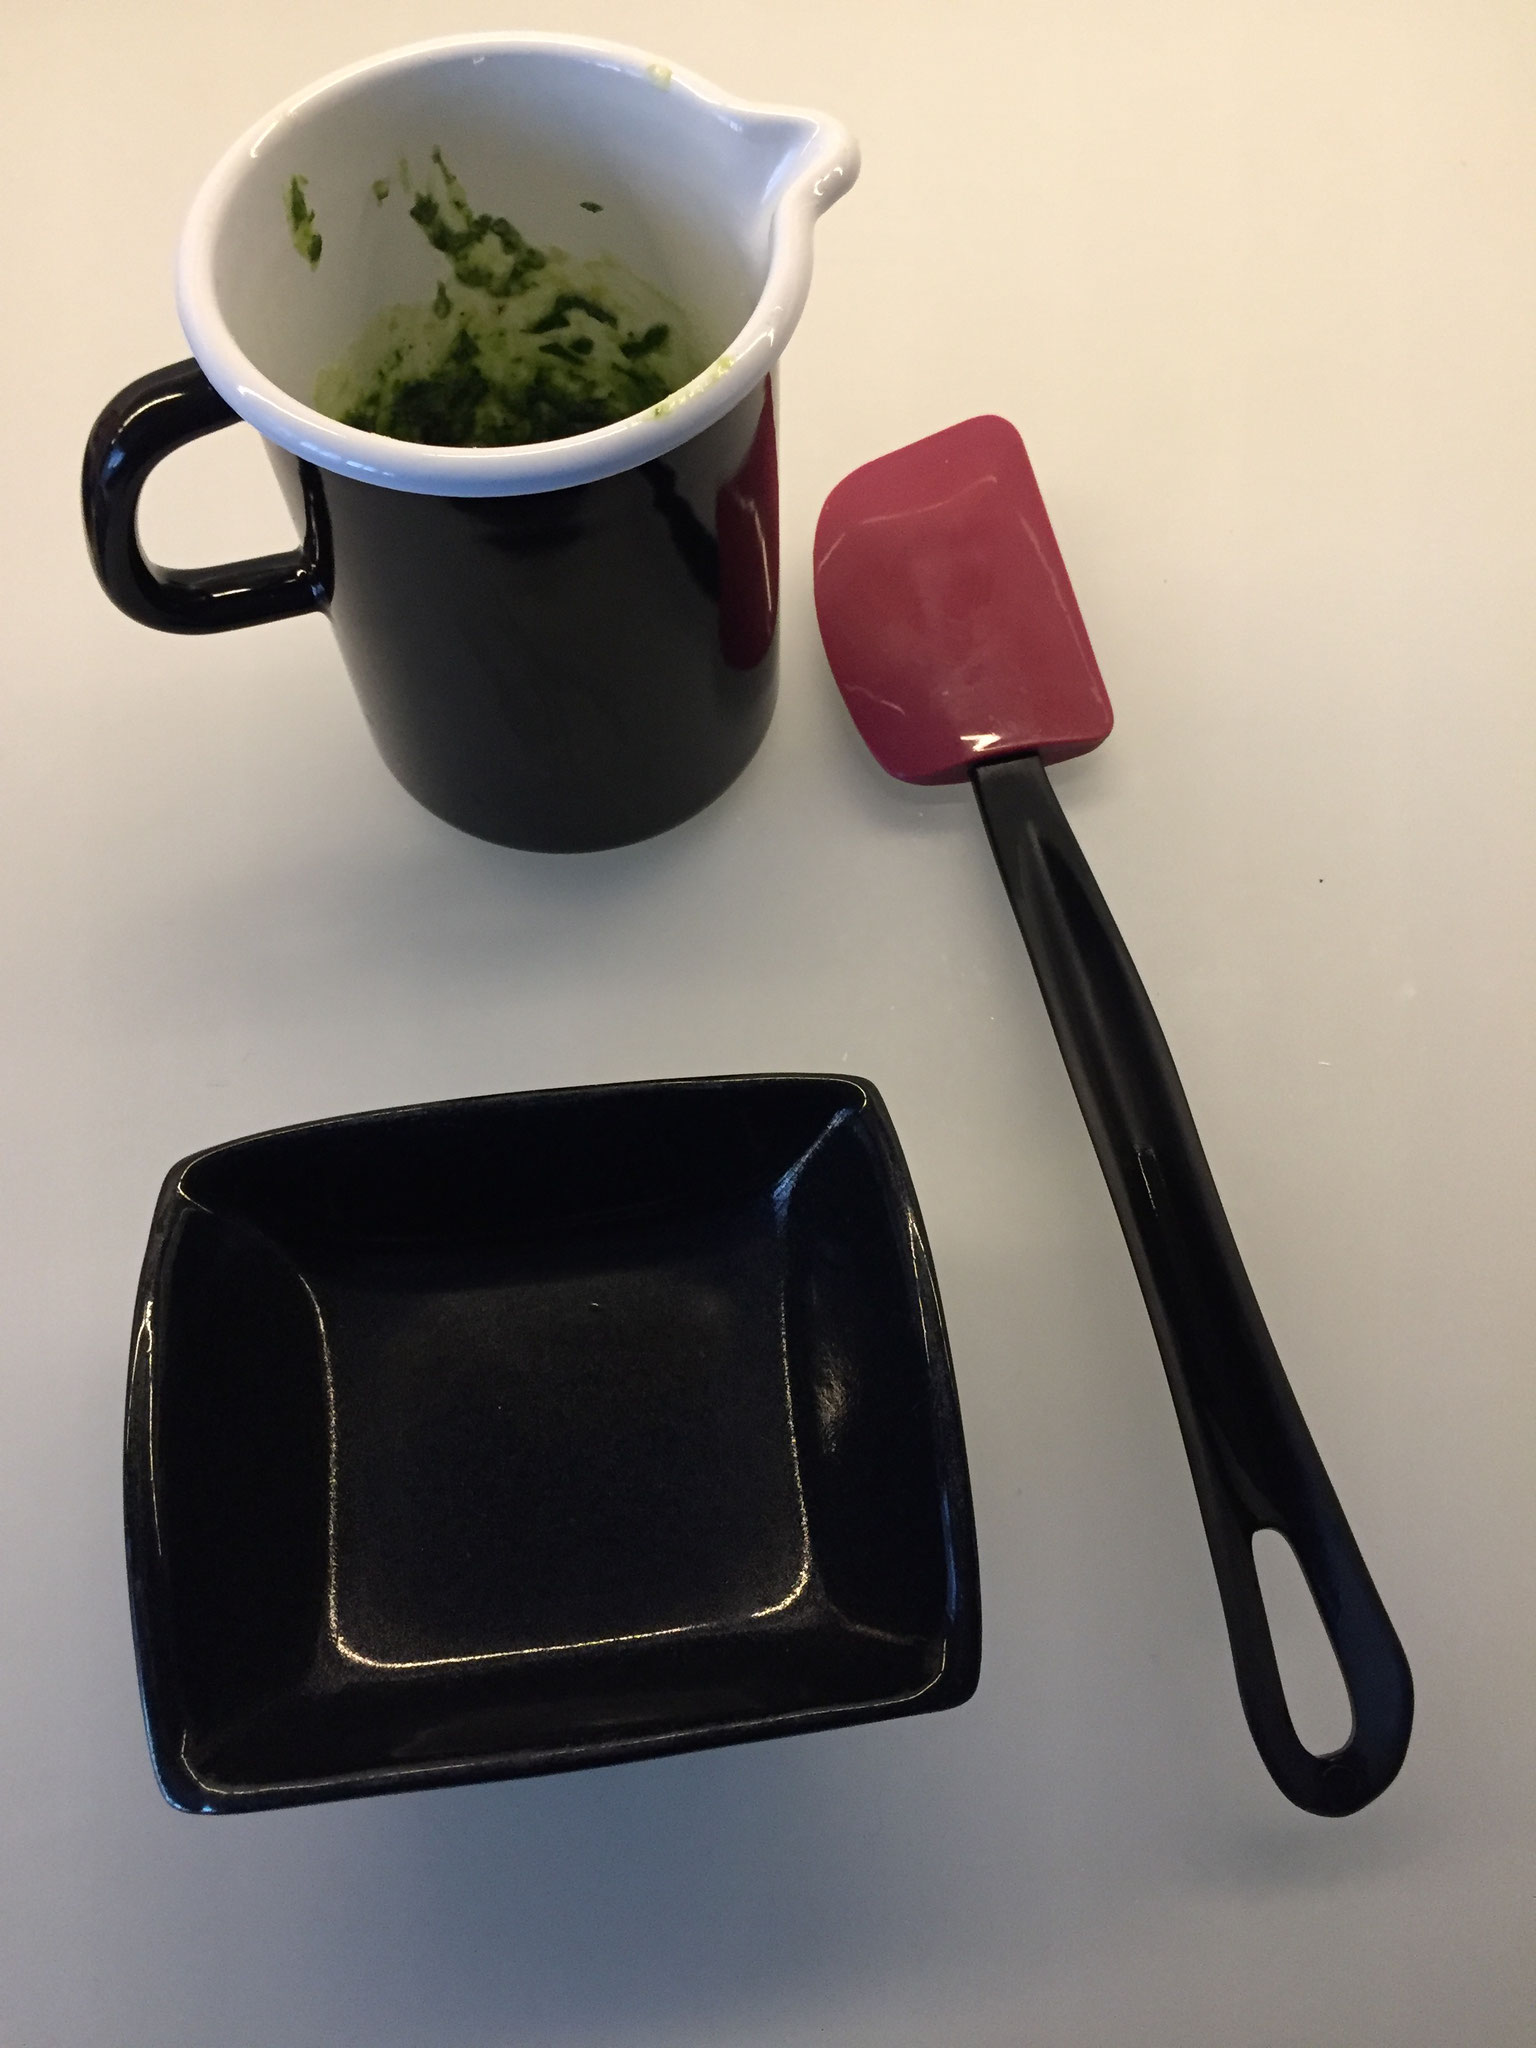 Mit einem Teig Spachtel das Pesto in eine Schale füllen.